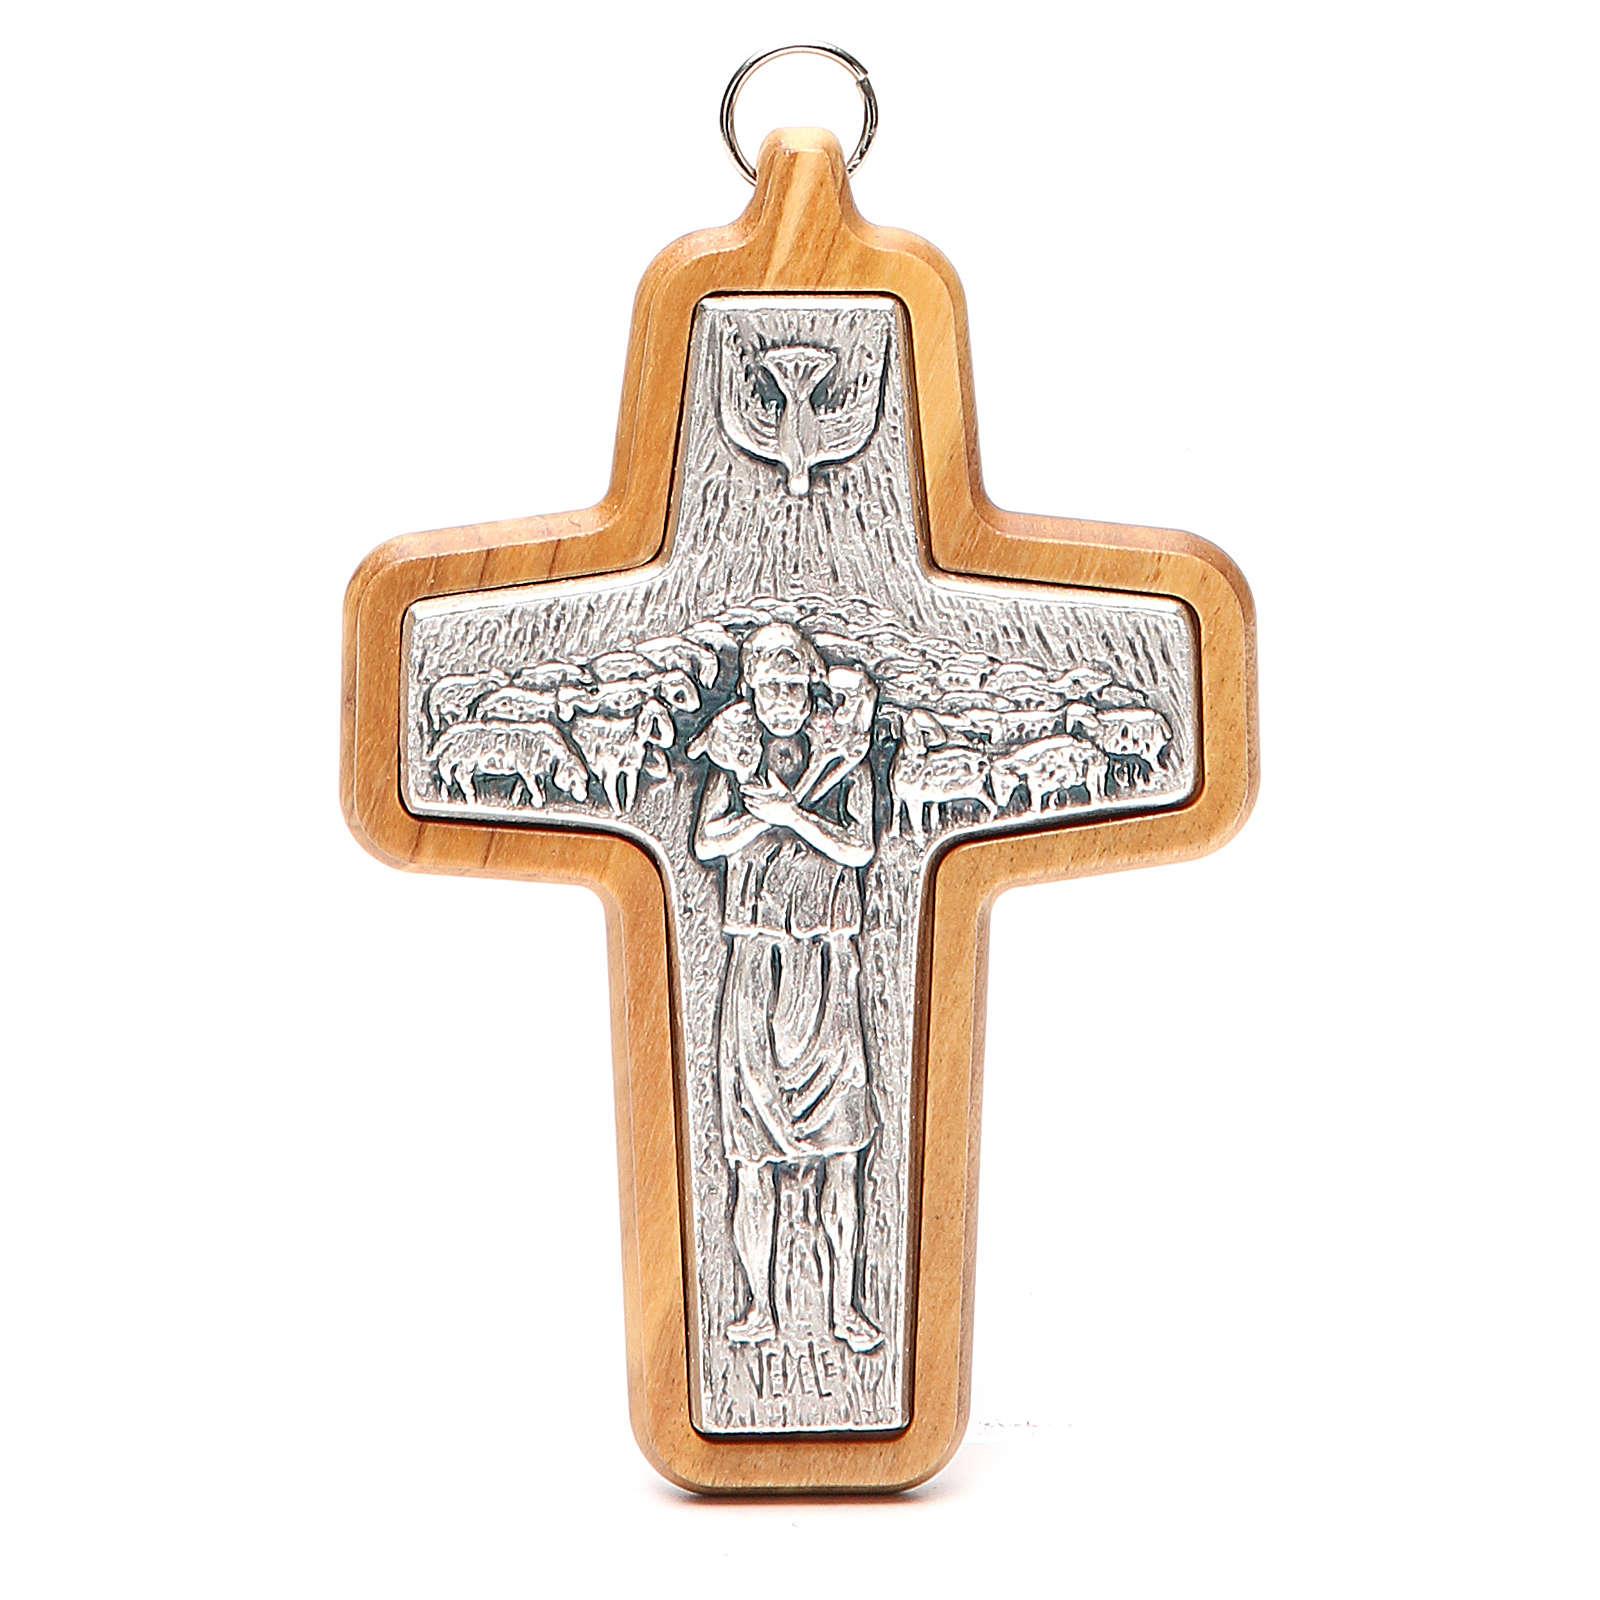 Croce pettorale metallo legno ulivo 12x8,5 cm 3